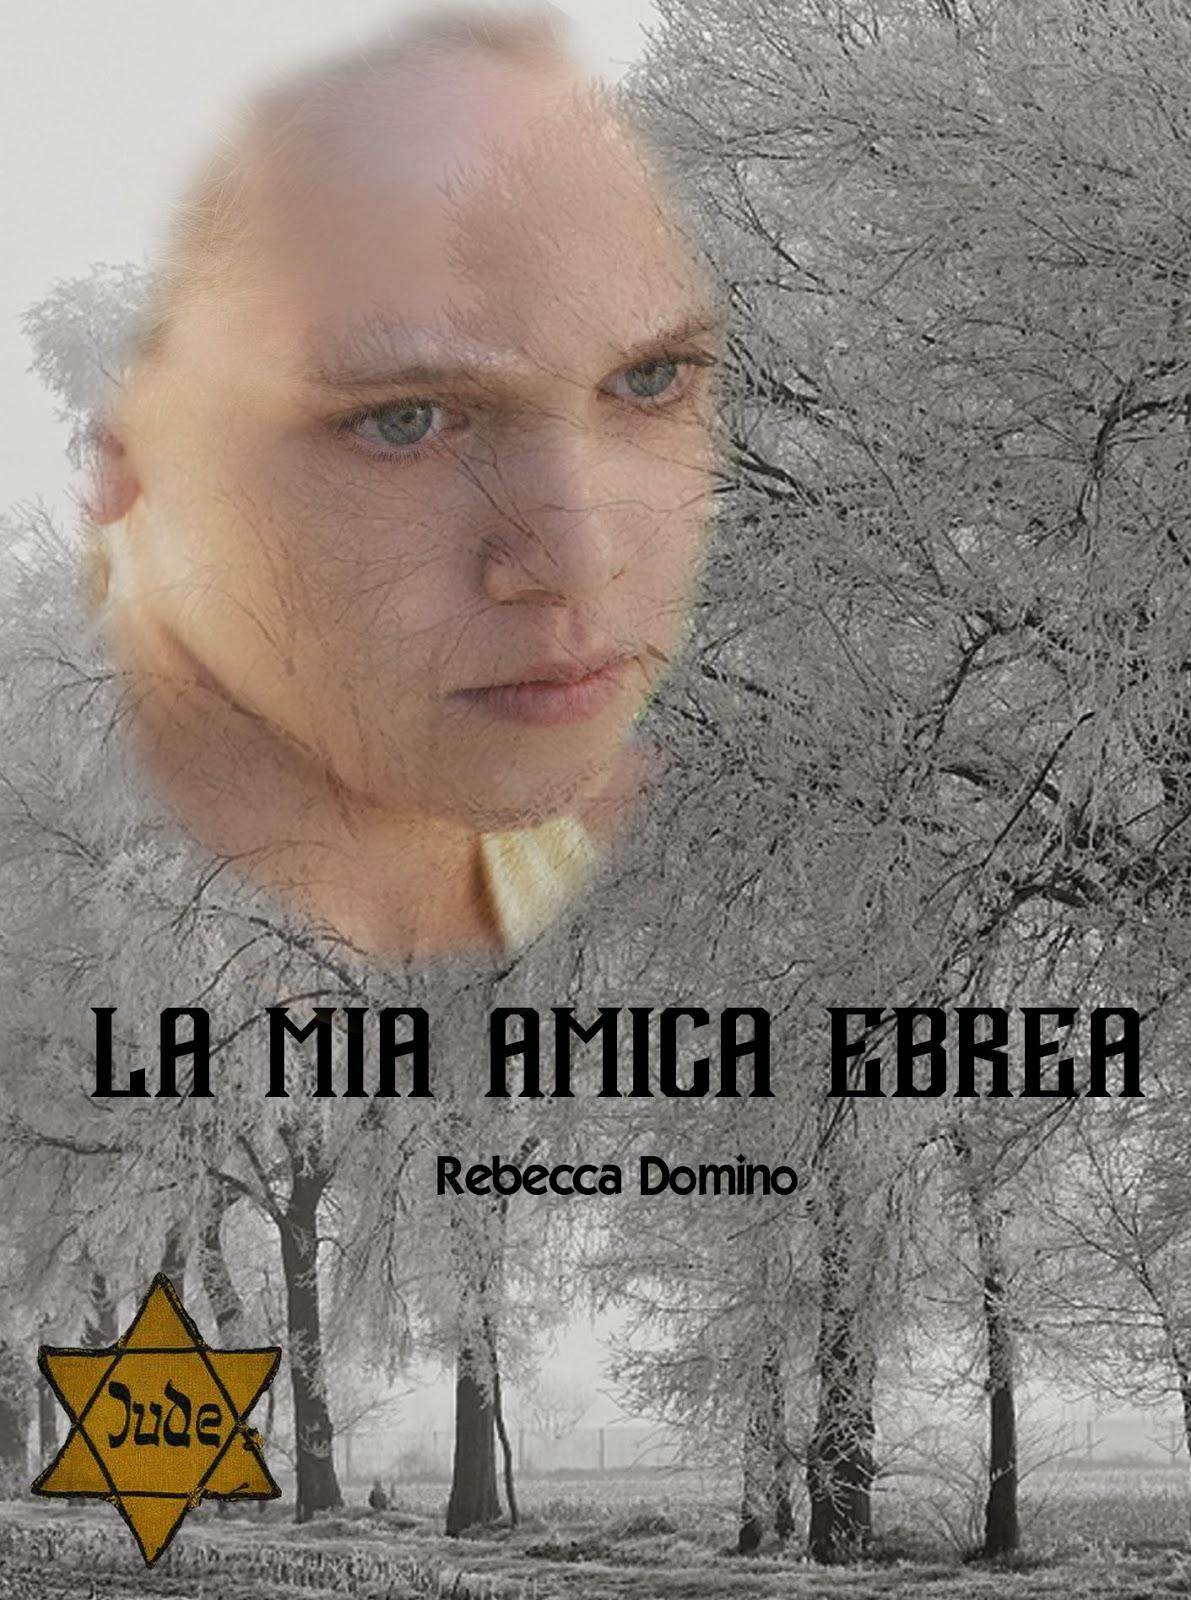 Rebecca Domino, La mia amica ebrea